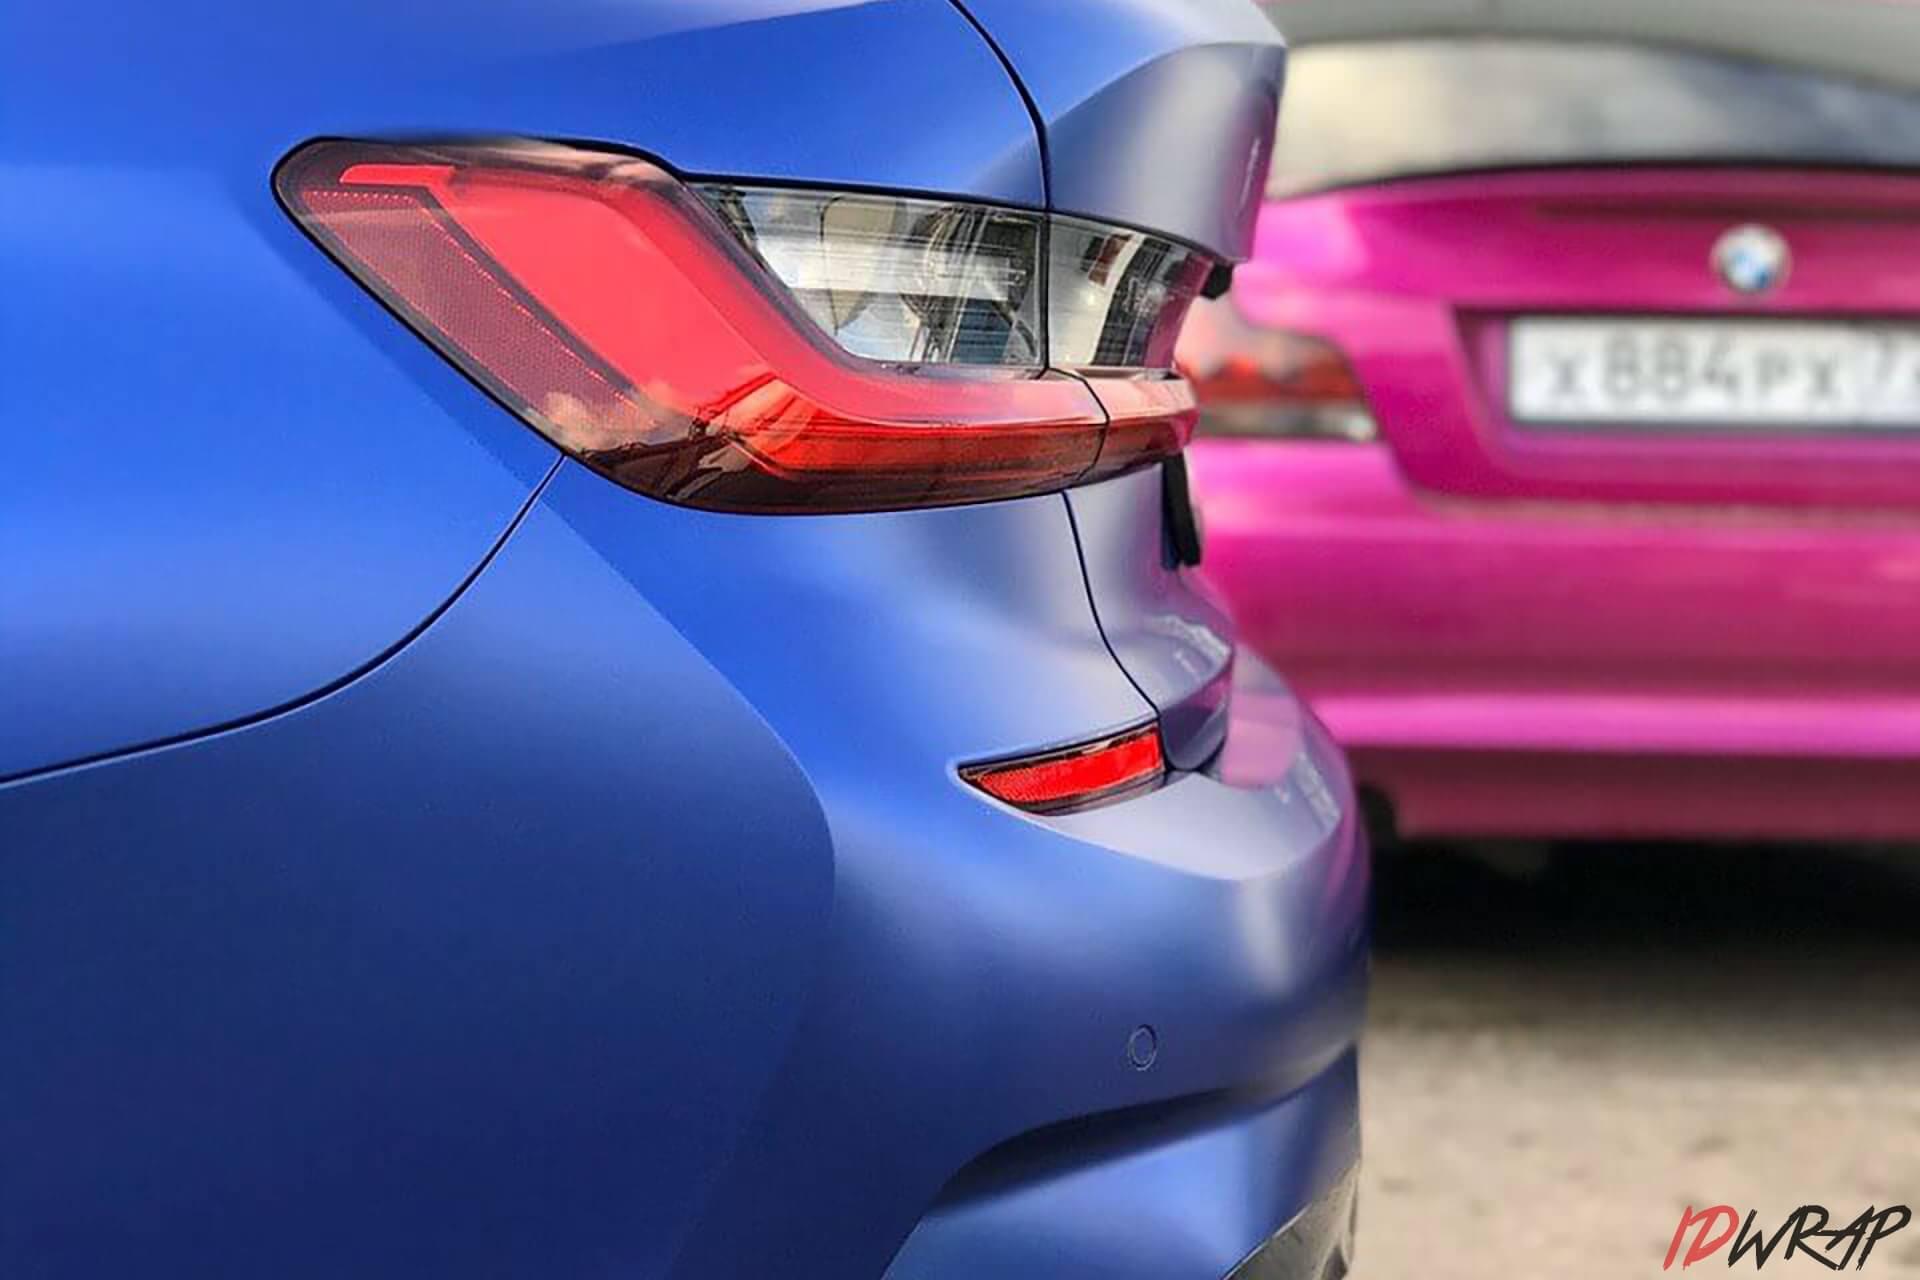 Антигравийная защита BMW G20 матовой пленкой